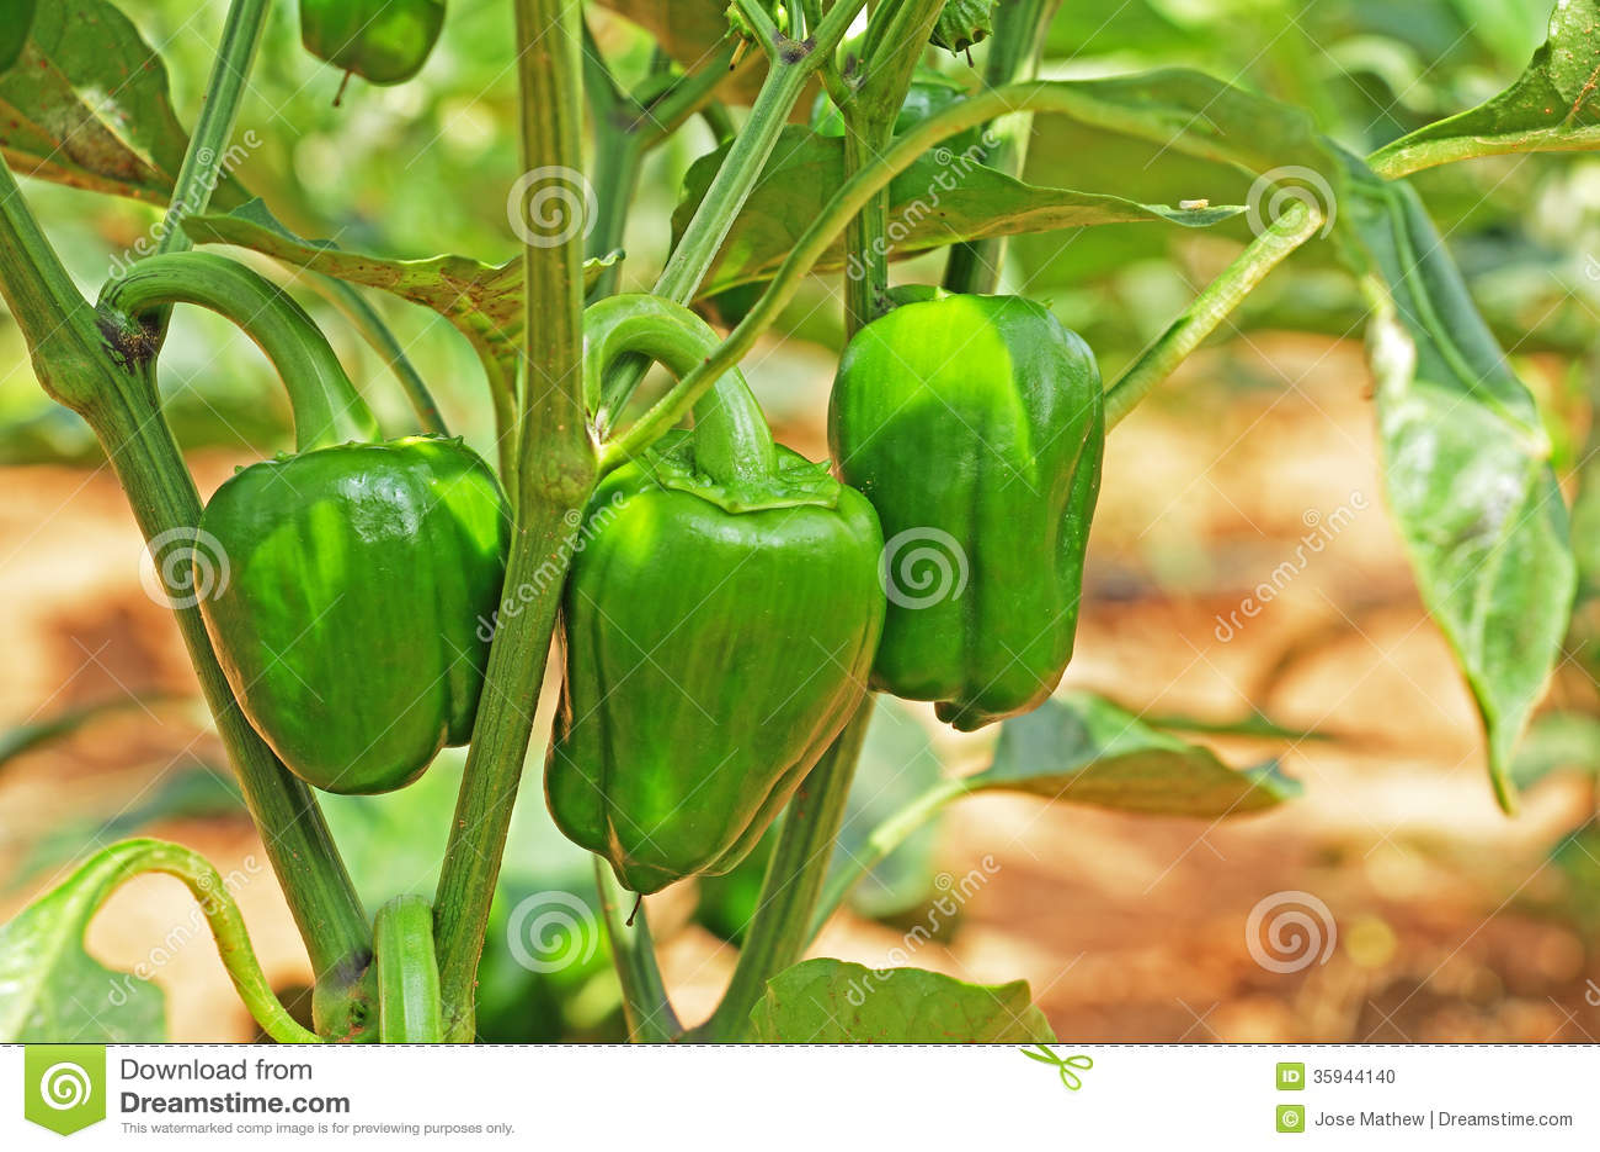 Capsicum Fruits In Plant Stock Photo - Image: 35944140